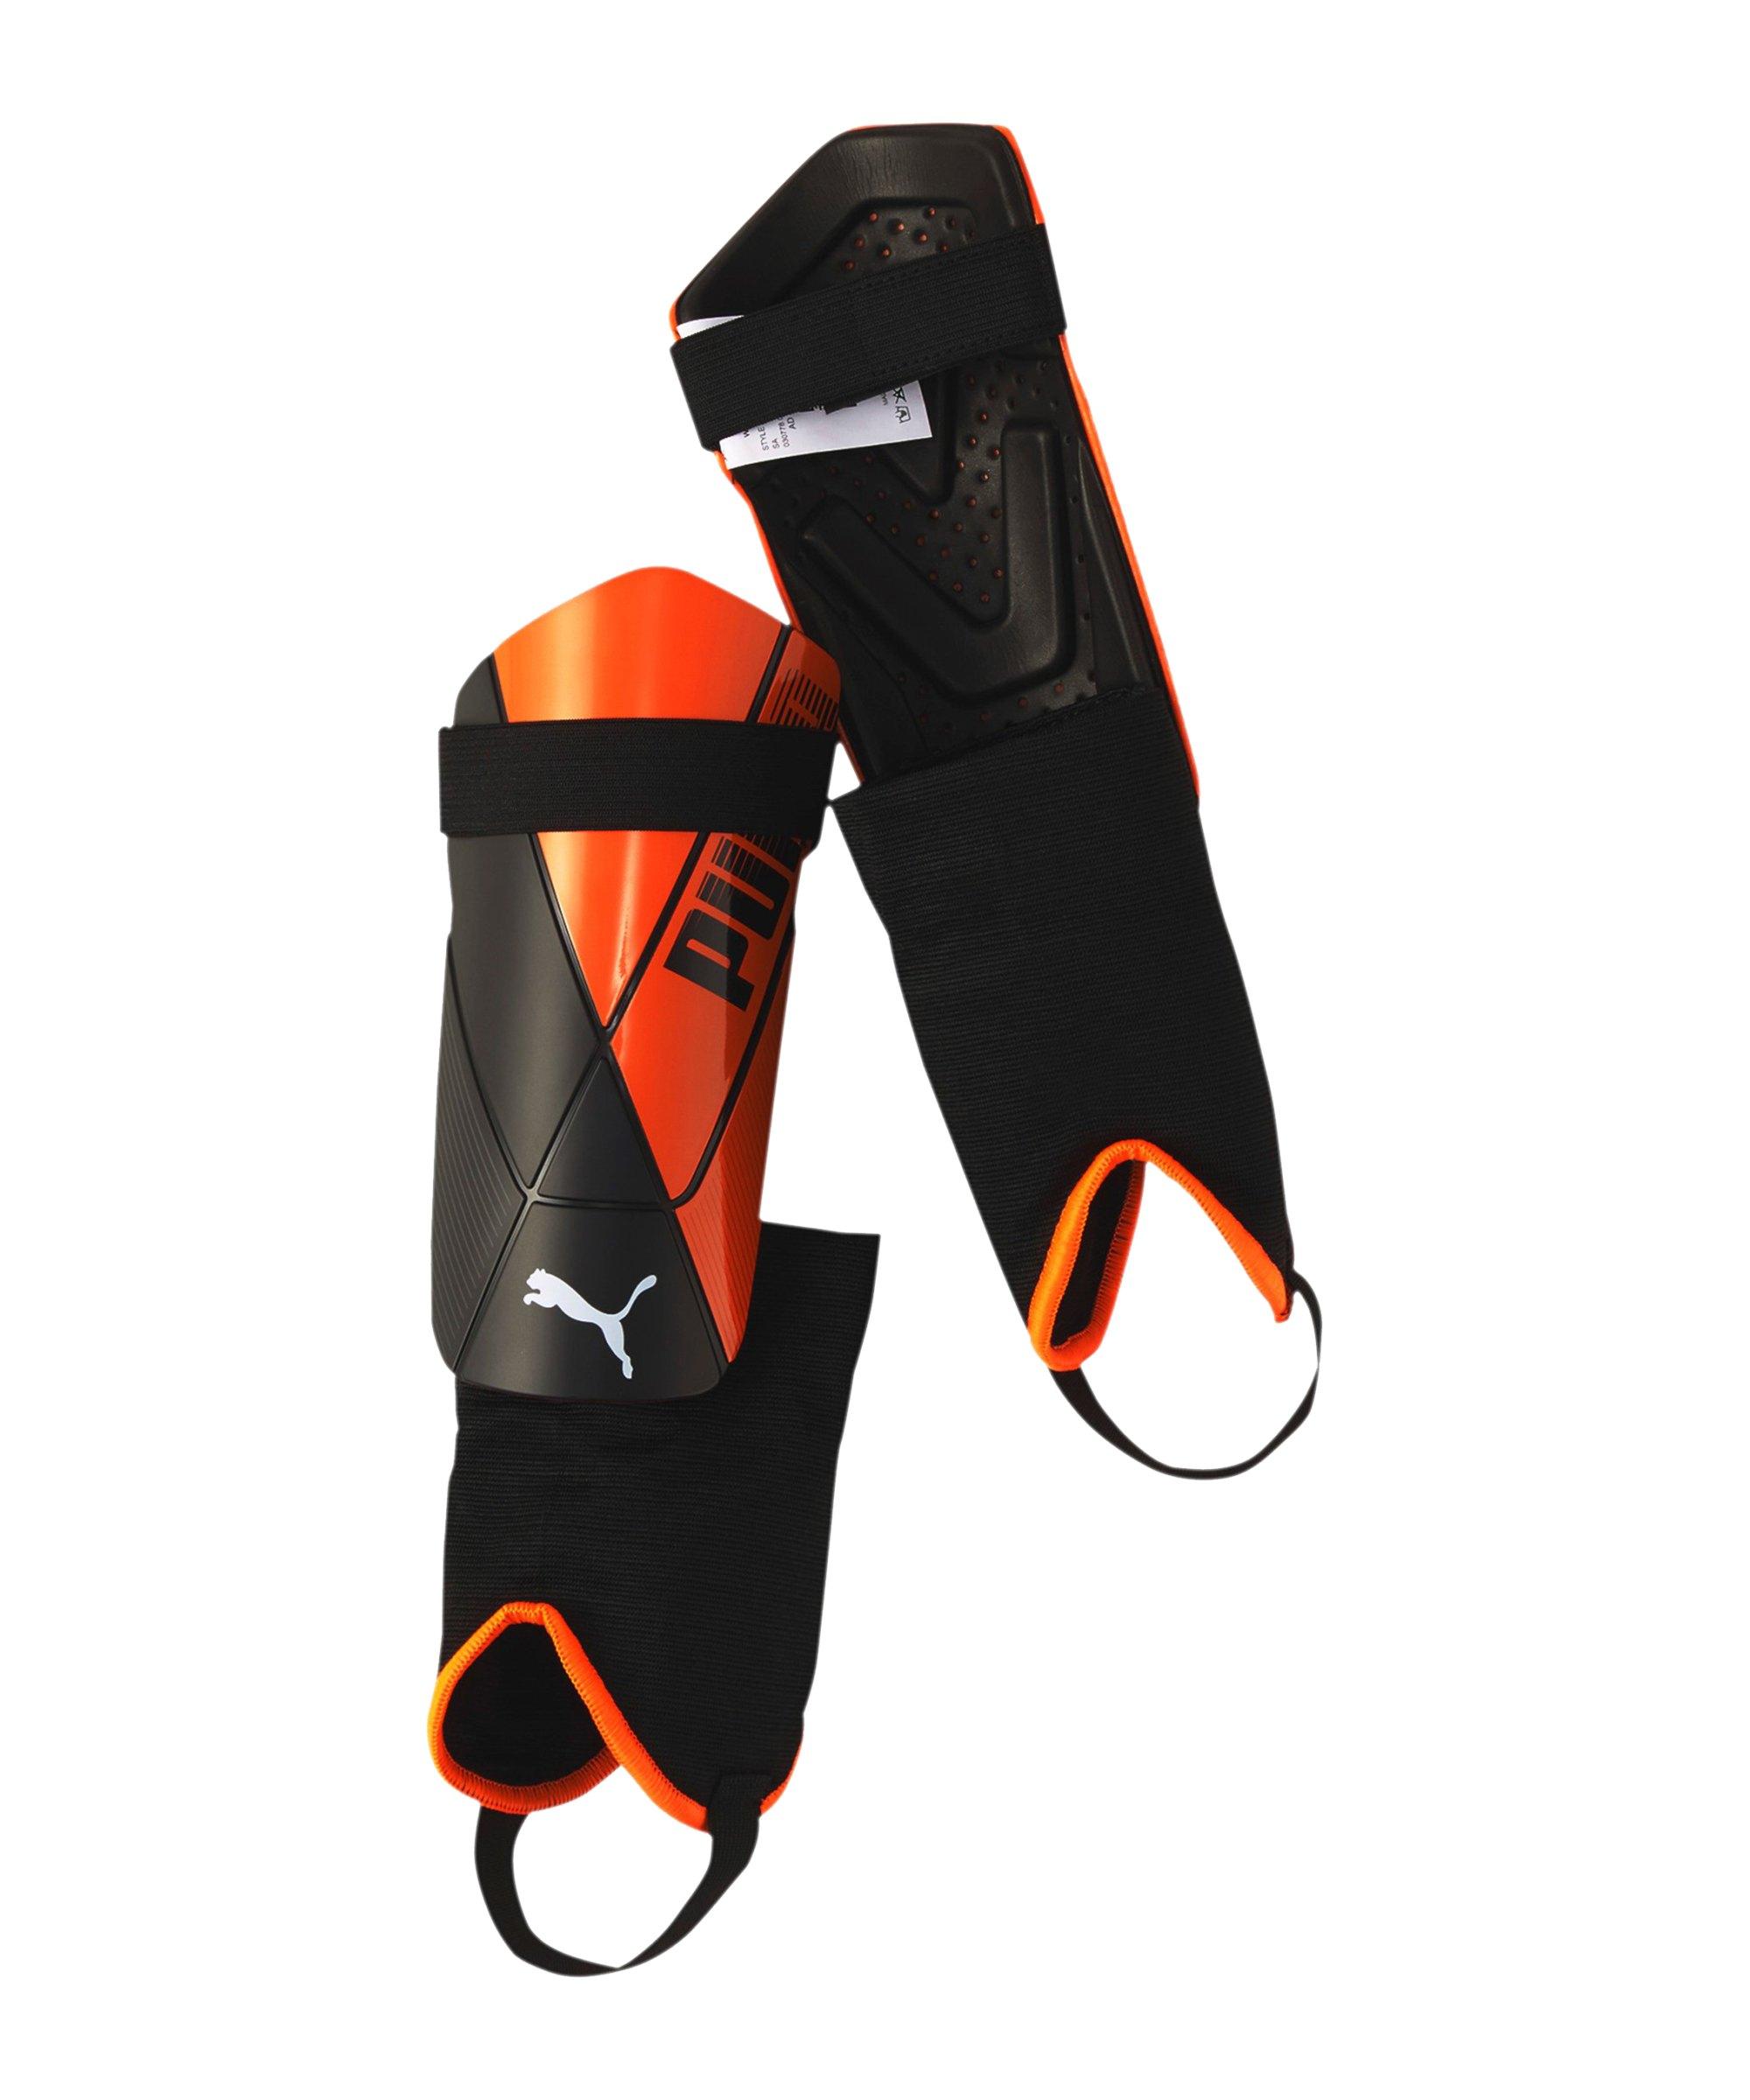 PUMA ftblNXT PRO Flex Chasing Adrenalin Schienbeinschoner Orange F06 - orange